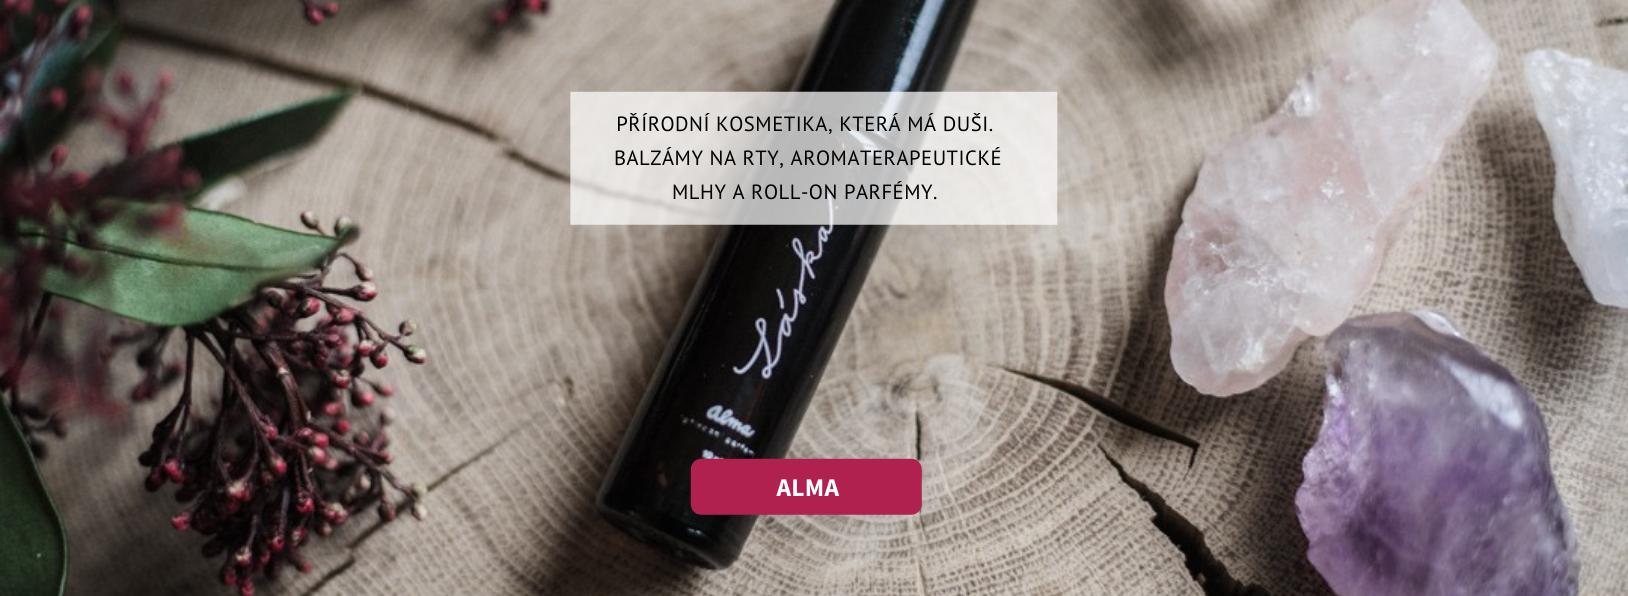 Alma - přírodní kosmetika, která má duši.